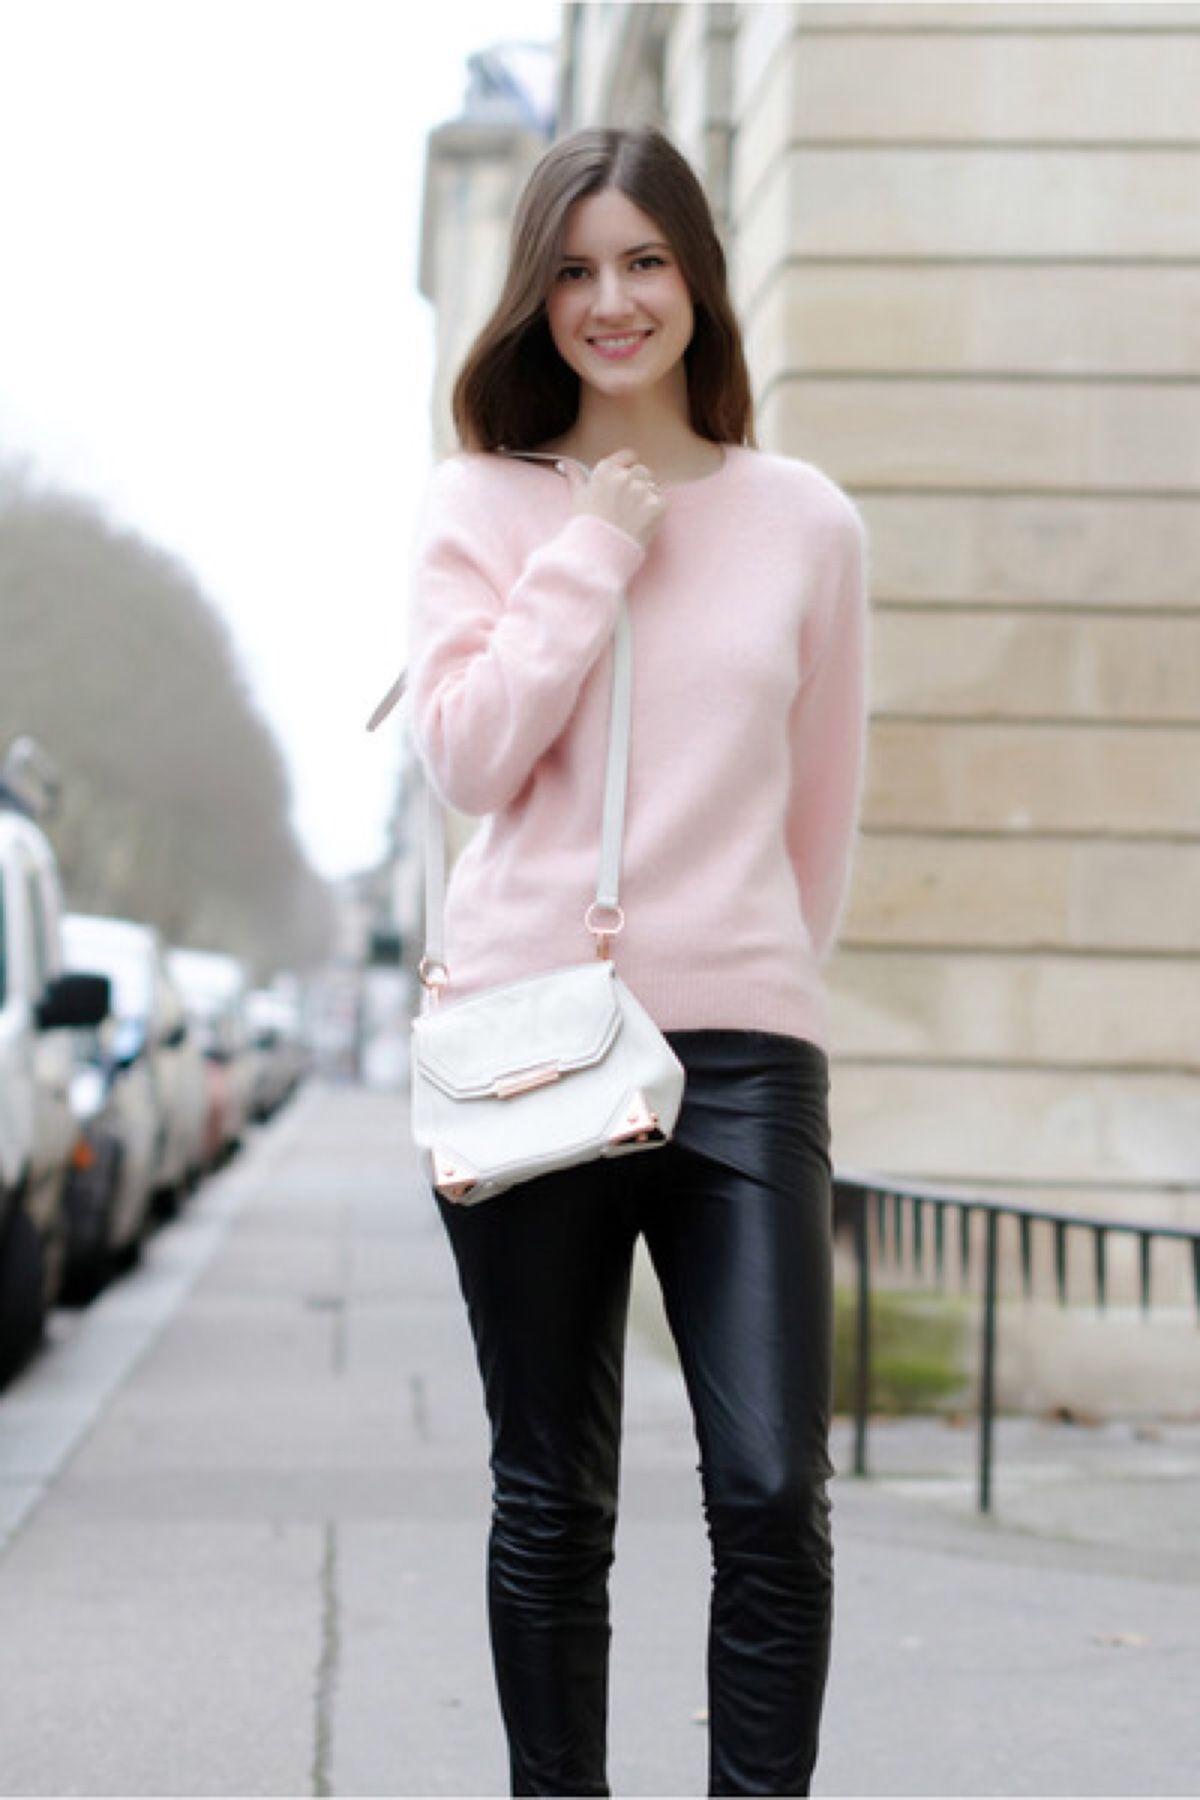 Soft Wool and Braless | Angora | Pinterest